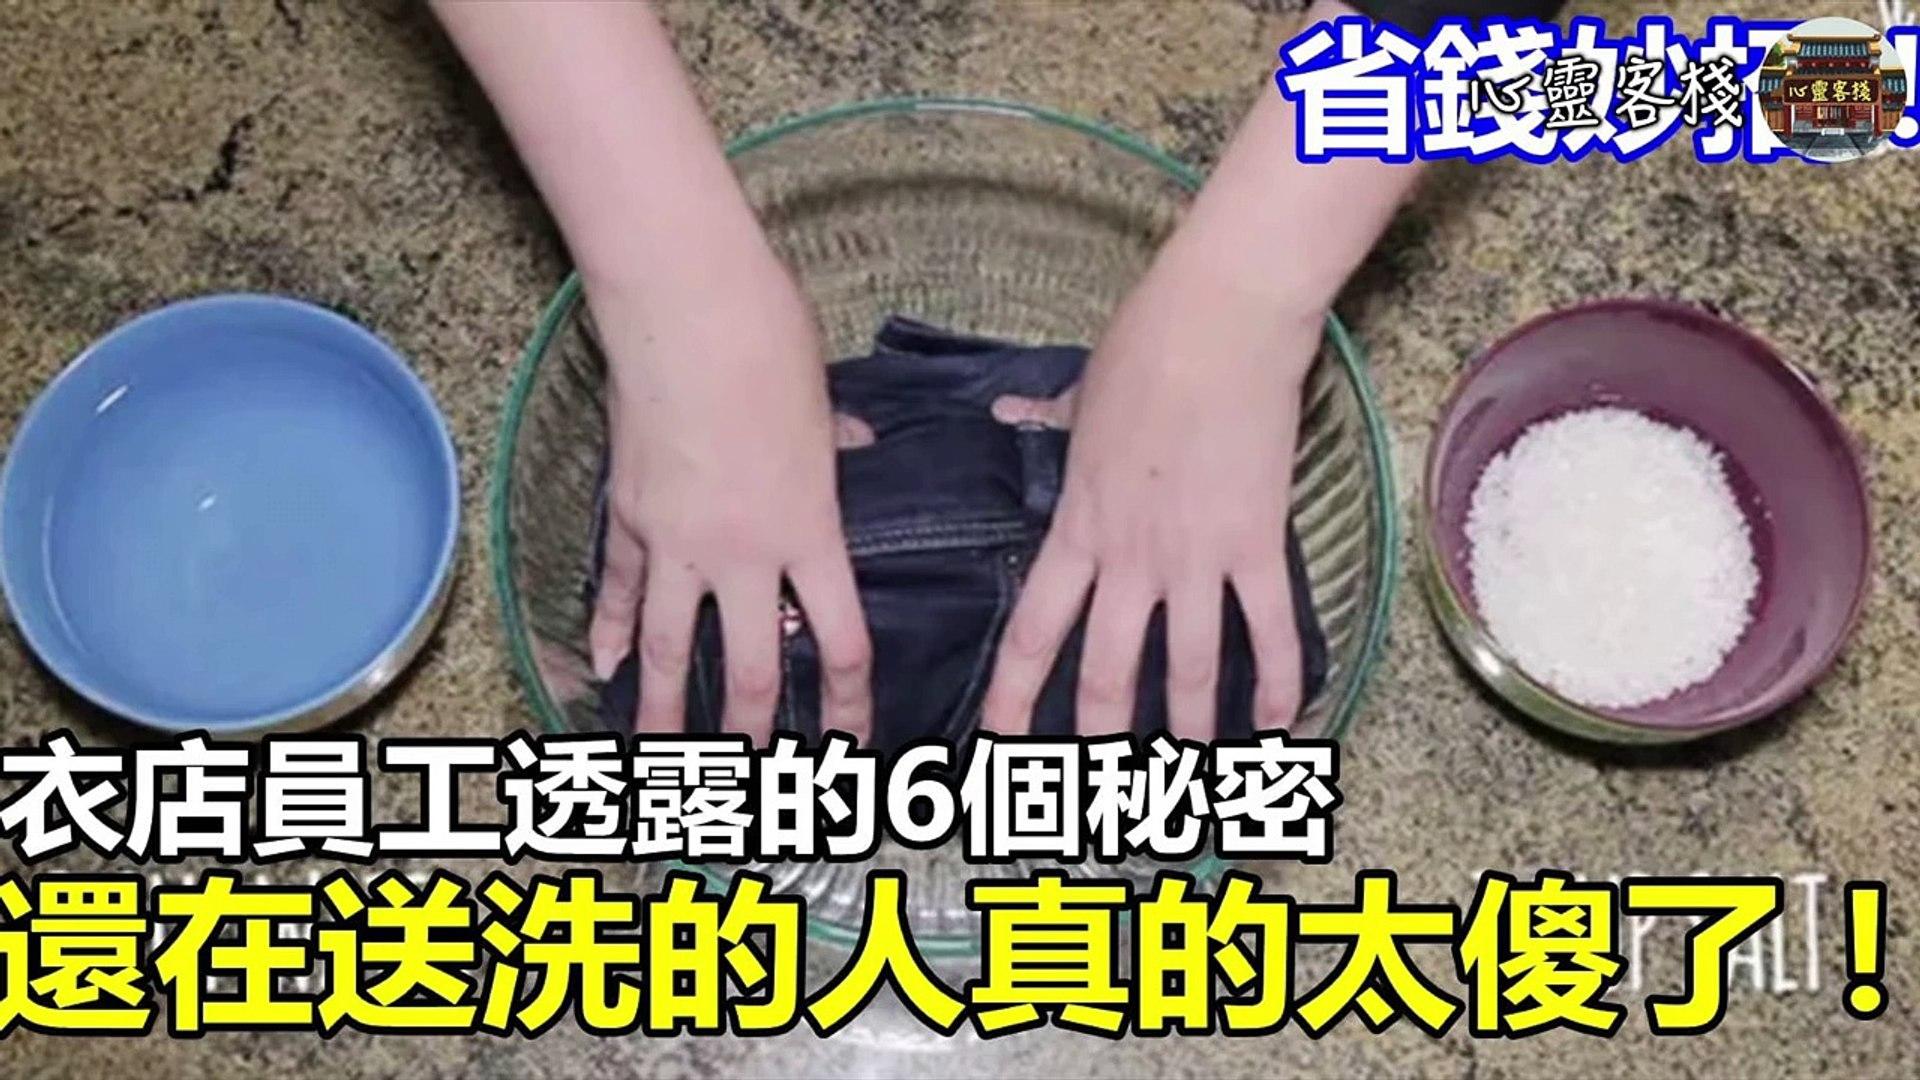 【心靈客棧 】洗衣店「離職員工」透露的 6 個驚人消息,還在送洗的人真的太傻了!他用「一杯水和鹽」告訴你,這樣才是最省錢的!